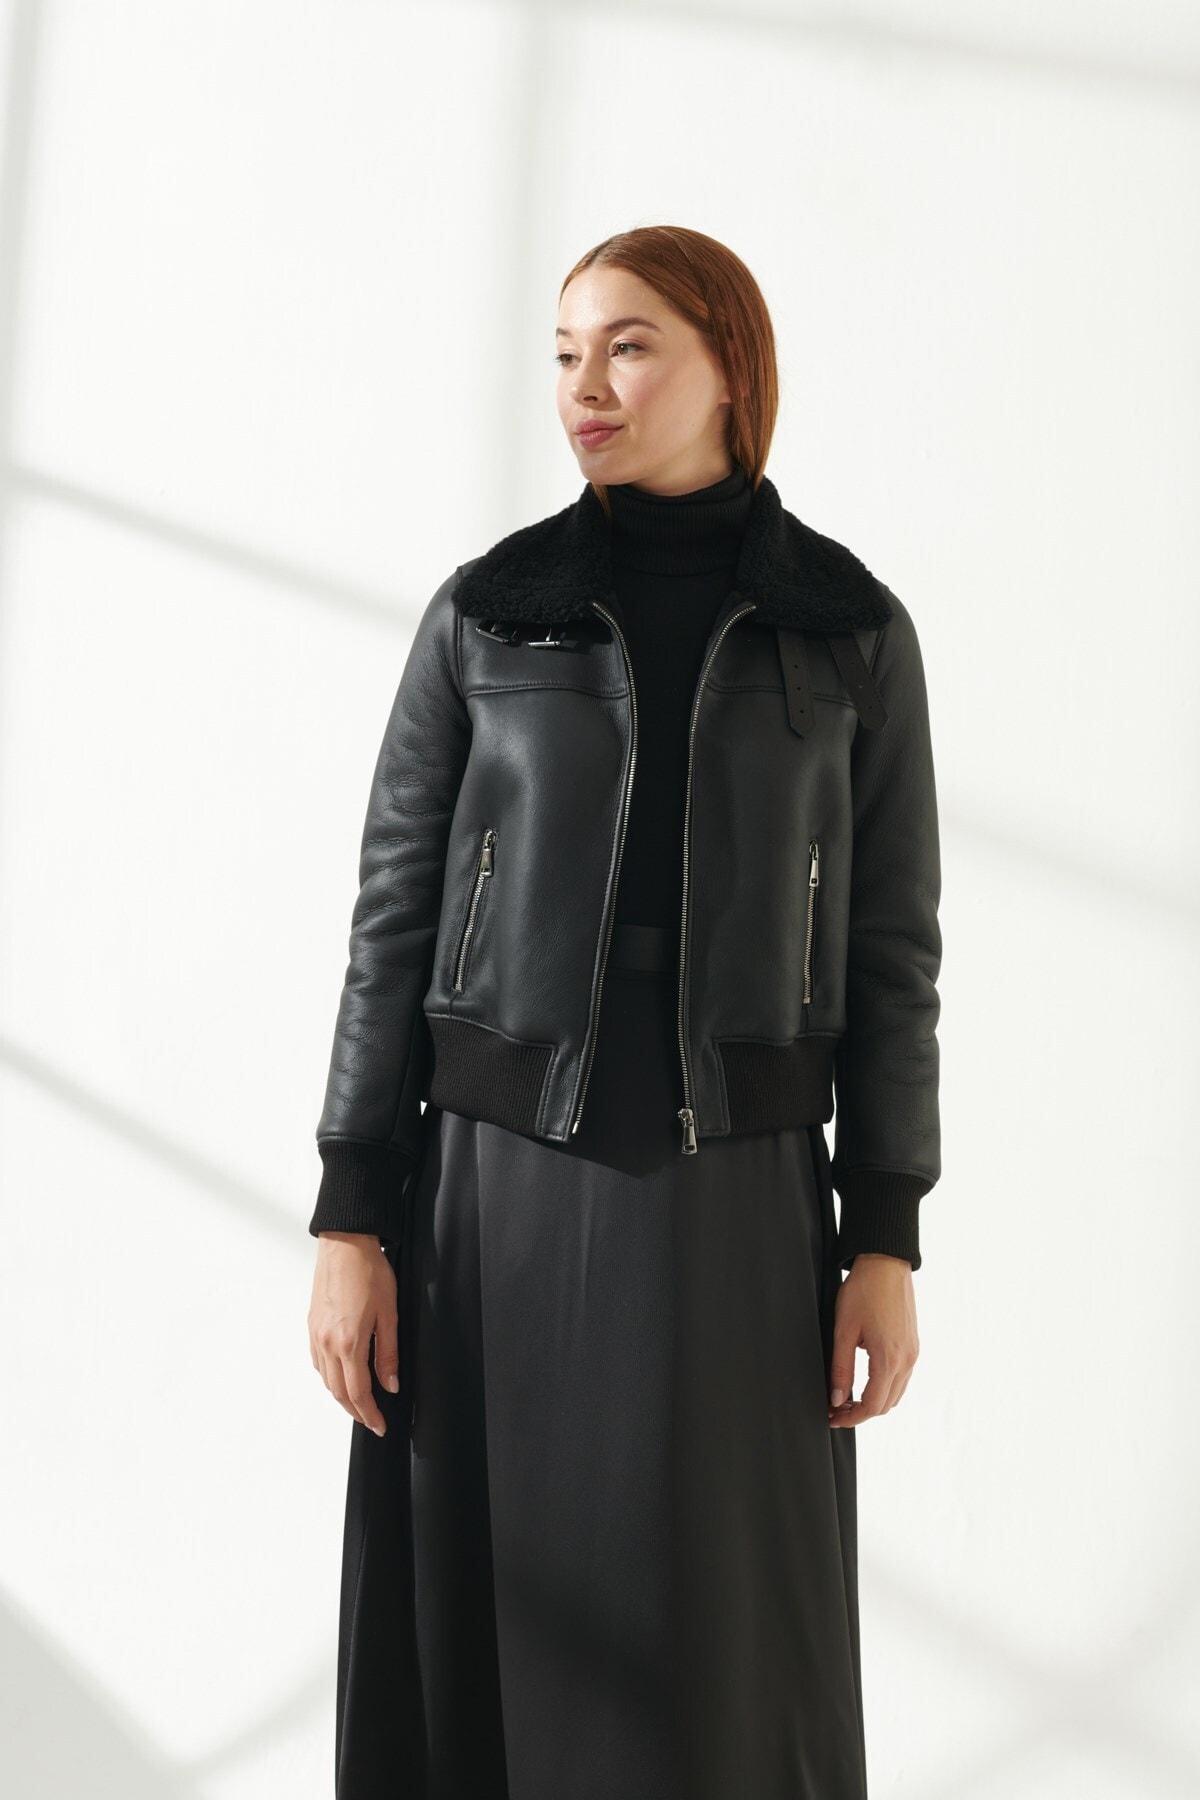 Бесплатная доставка черные зимние ботинки из натуральной овечьей кожи с шерстяной подкладкой женские куртки, байкерские модели курток стр...